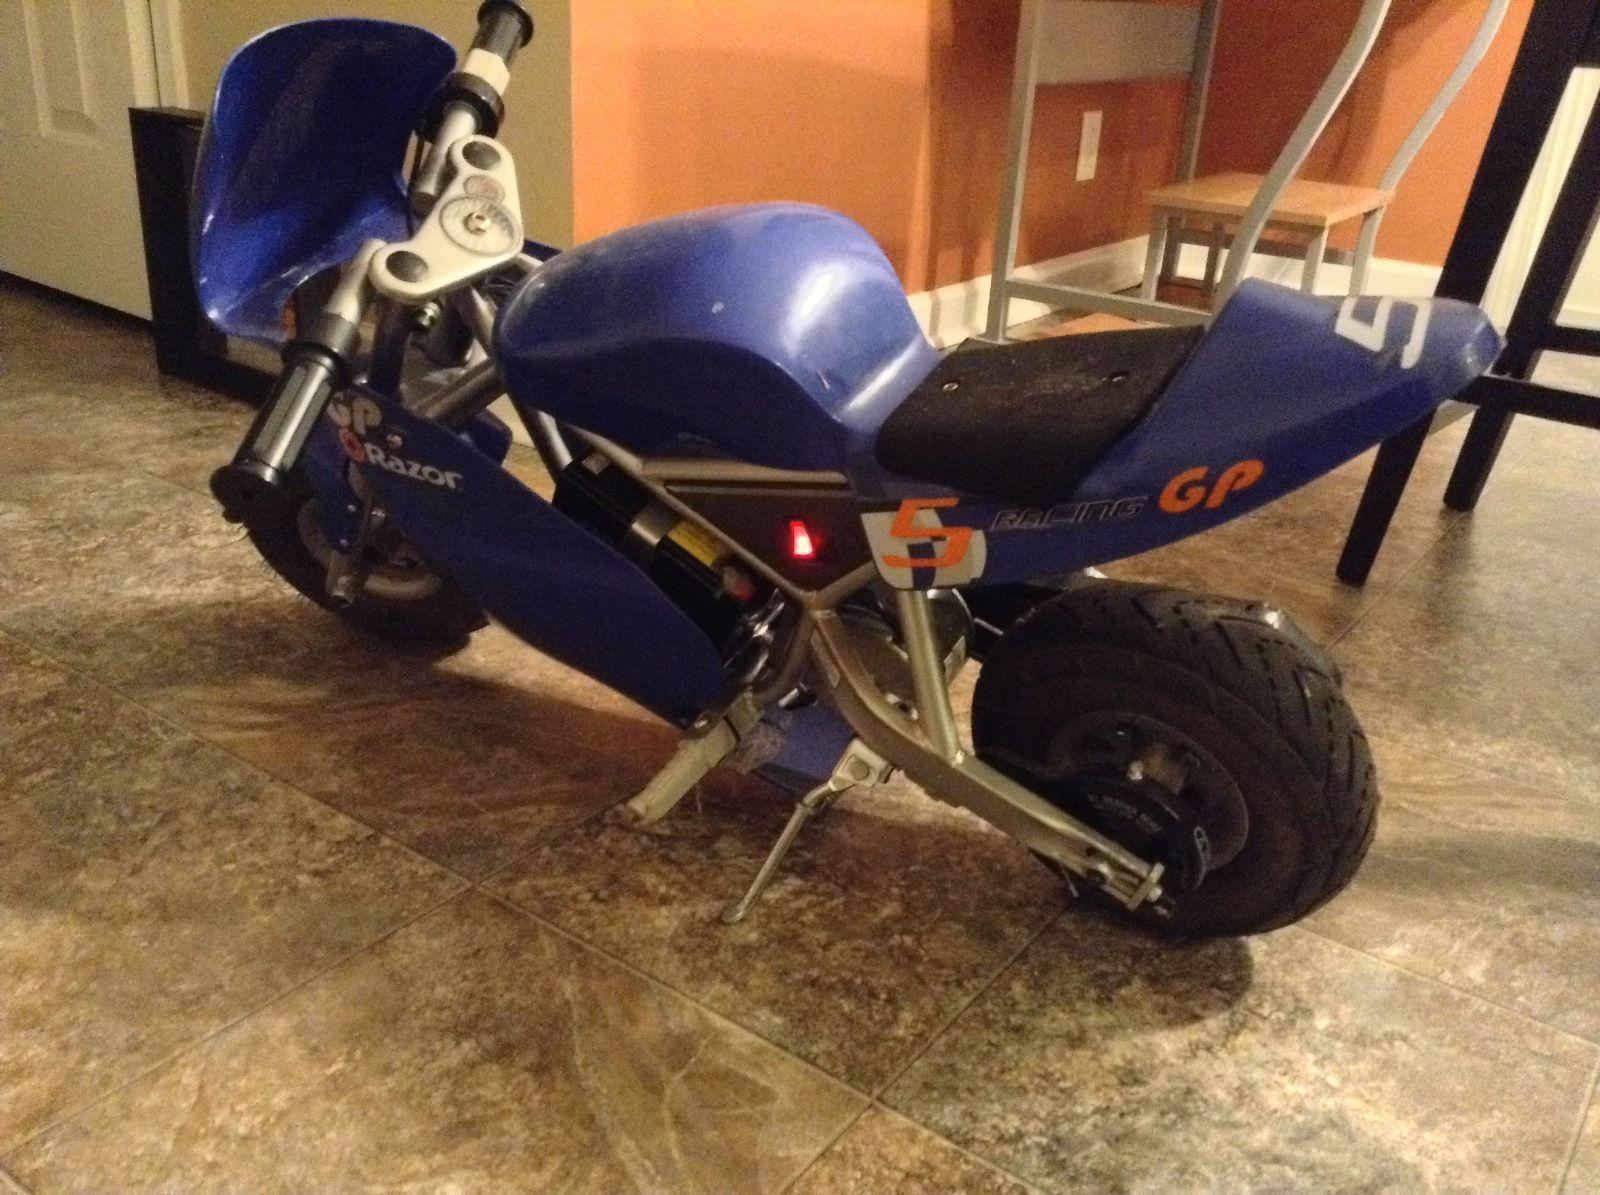 Razor Pocket Rocket 24v Mini Bike Electric Motorcycle Blue 15120040 Ebay Mini Bike Electric Motorcycle Bike